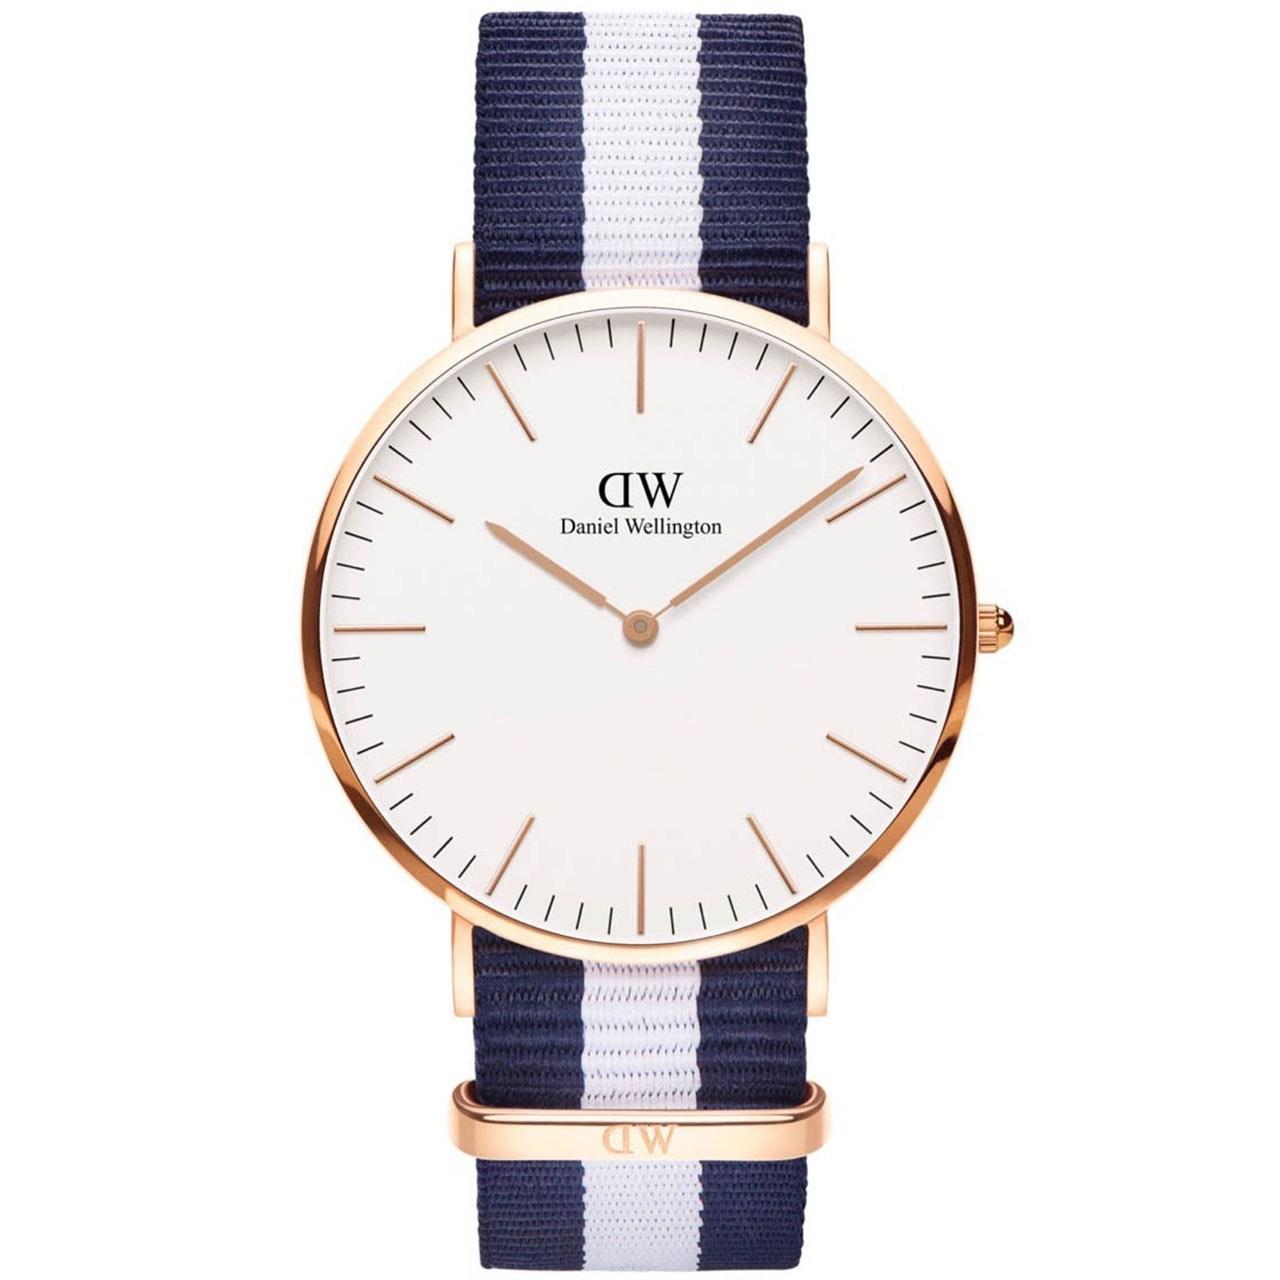 ساعت مچی عقربه ای مردانه دنیل ولینگتون مدل DW00100004              خرید (⭐️⭐️⭐️)